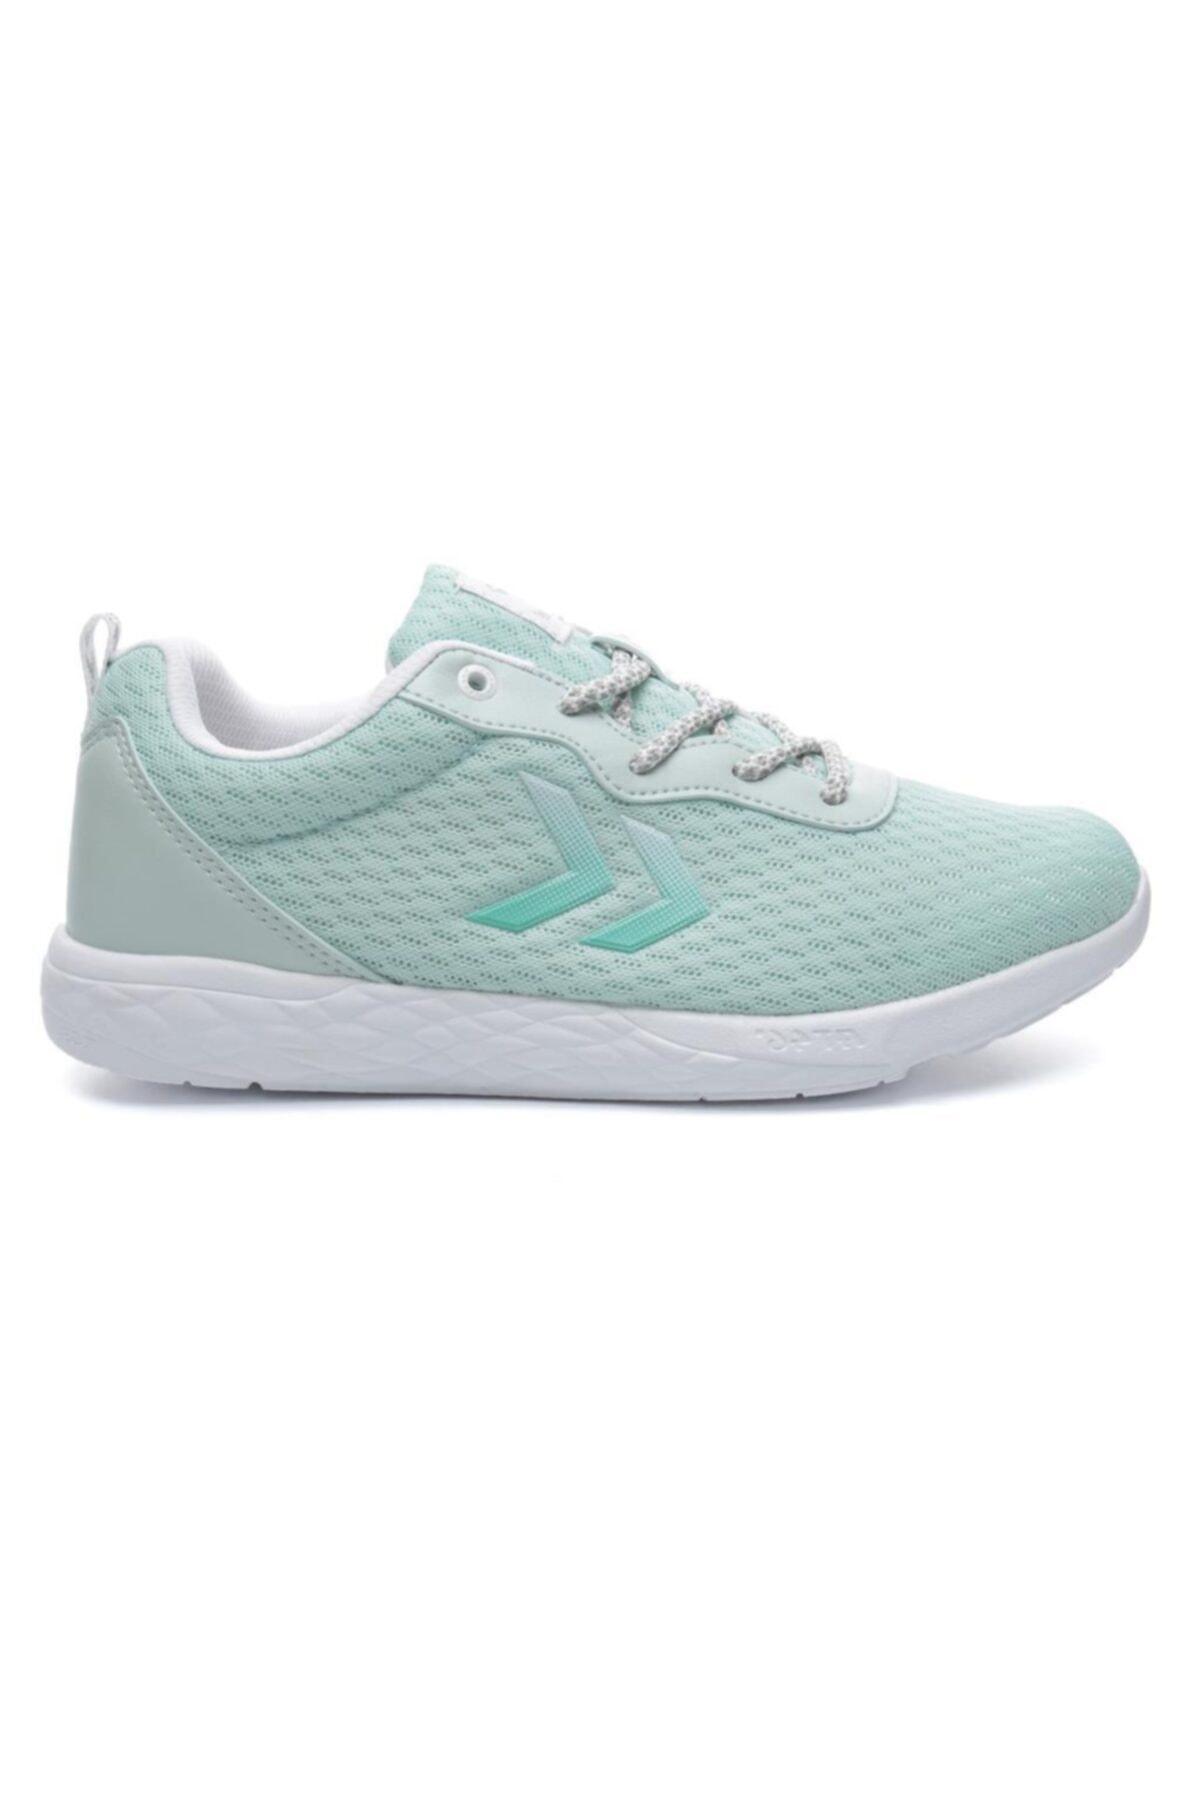 HUMMEL OSLO SNEAKER Açık Mavi Kadın Sneaker Ayakkabı 100584591 2